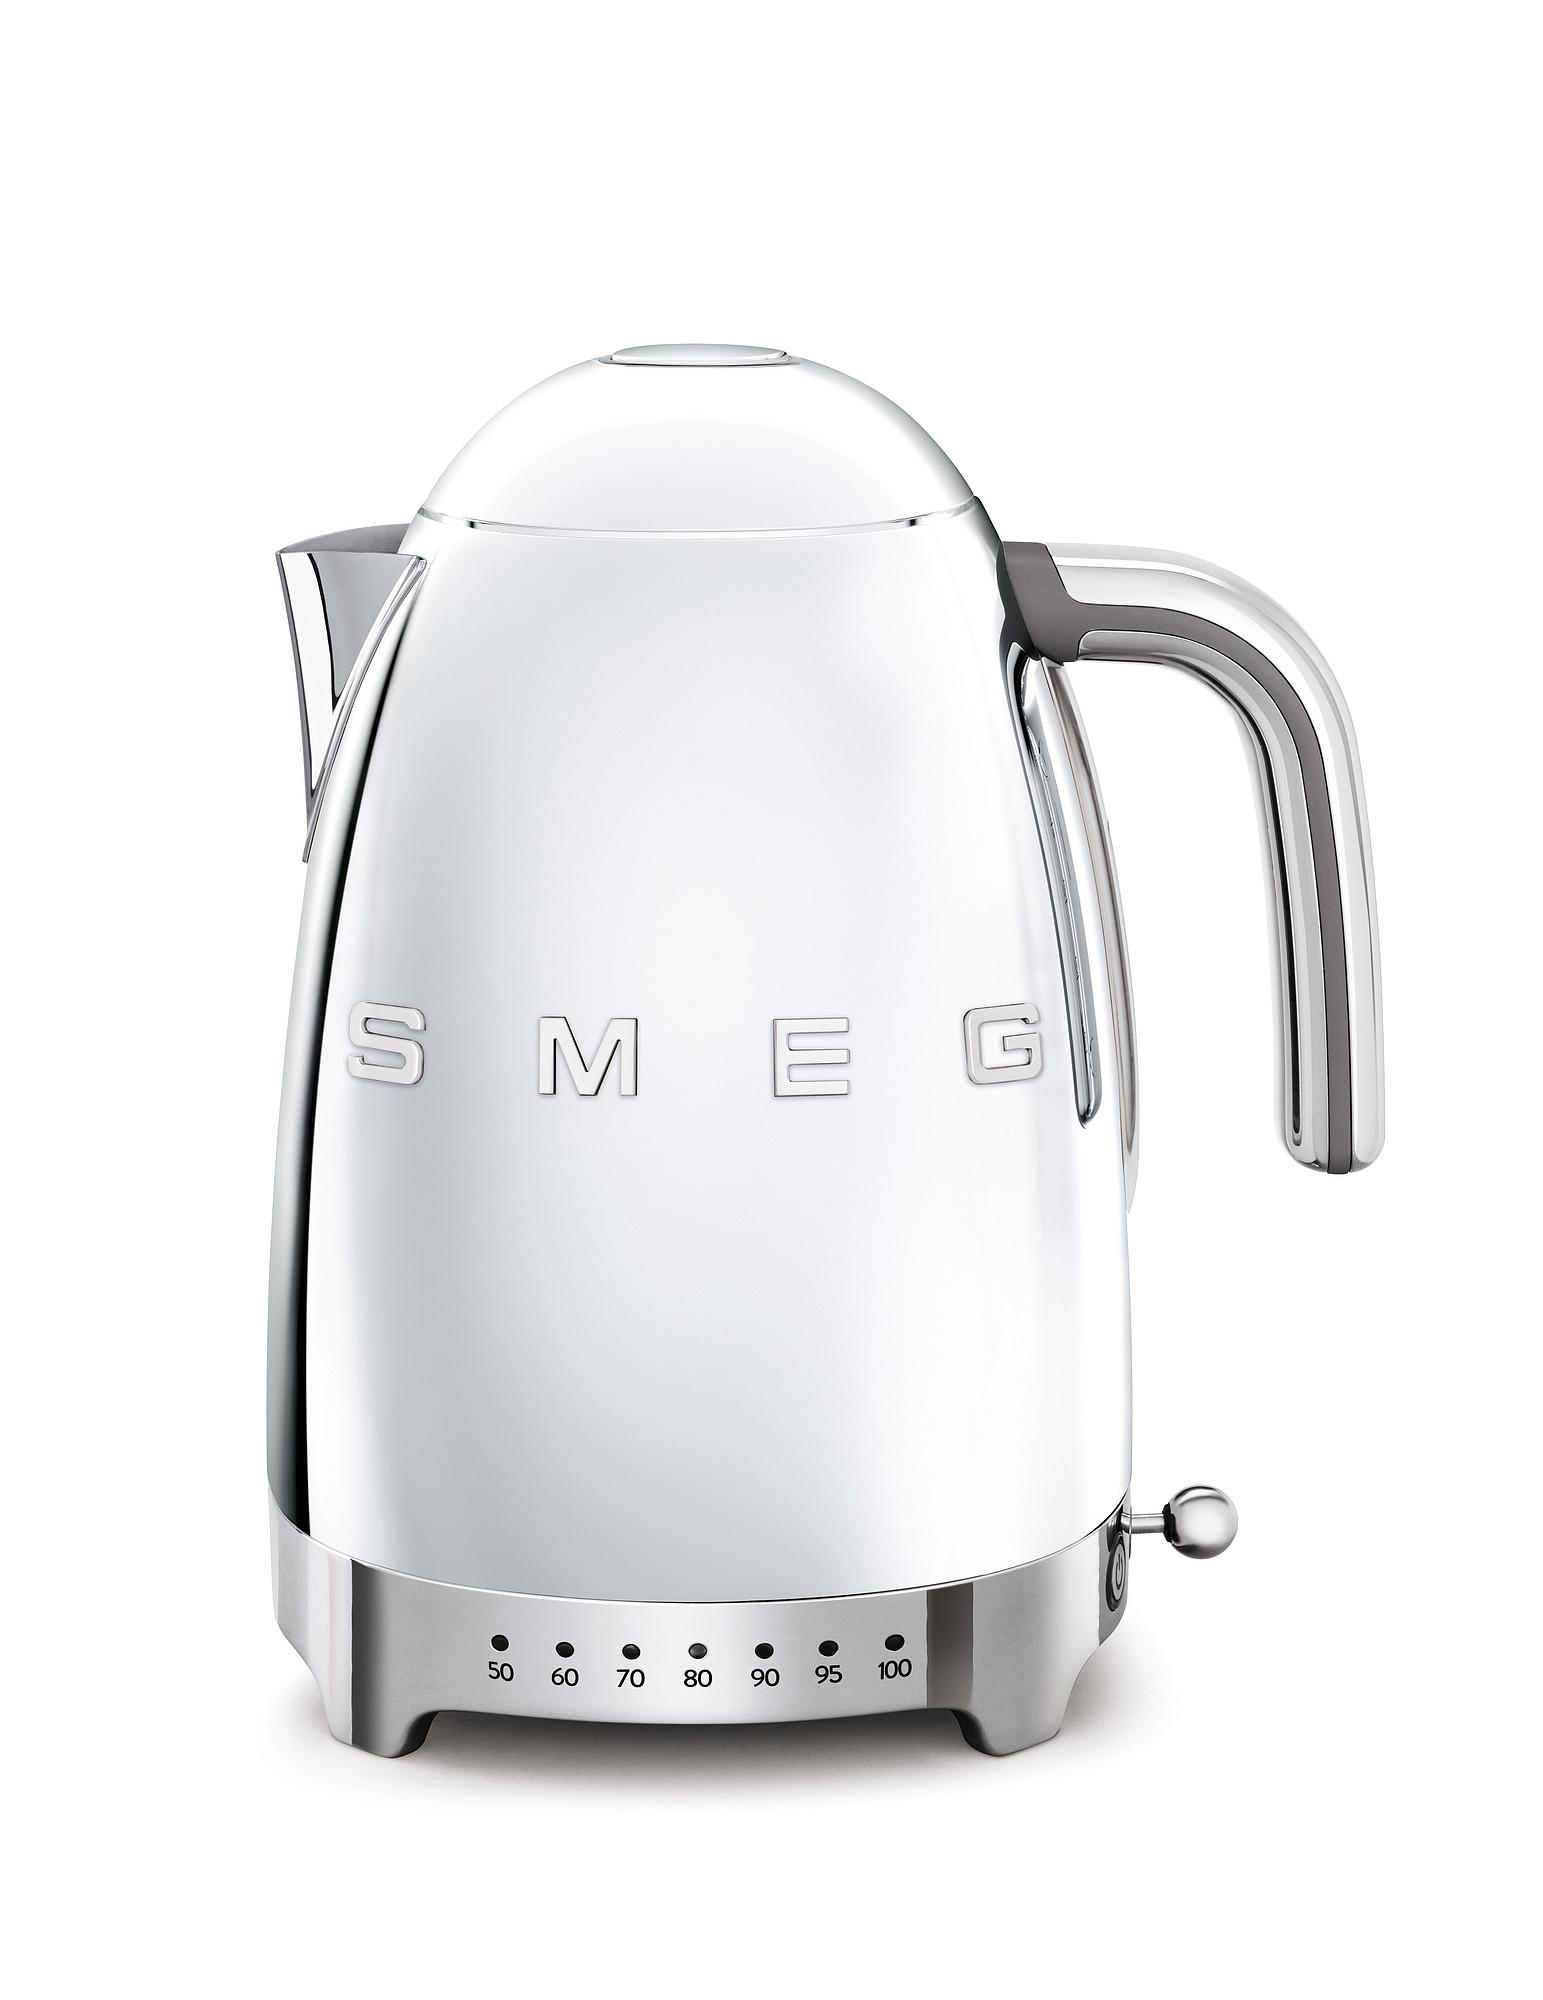 SMEG Wasserkocher Temperaturregelung Chrom